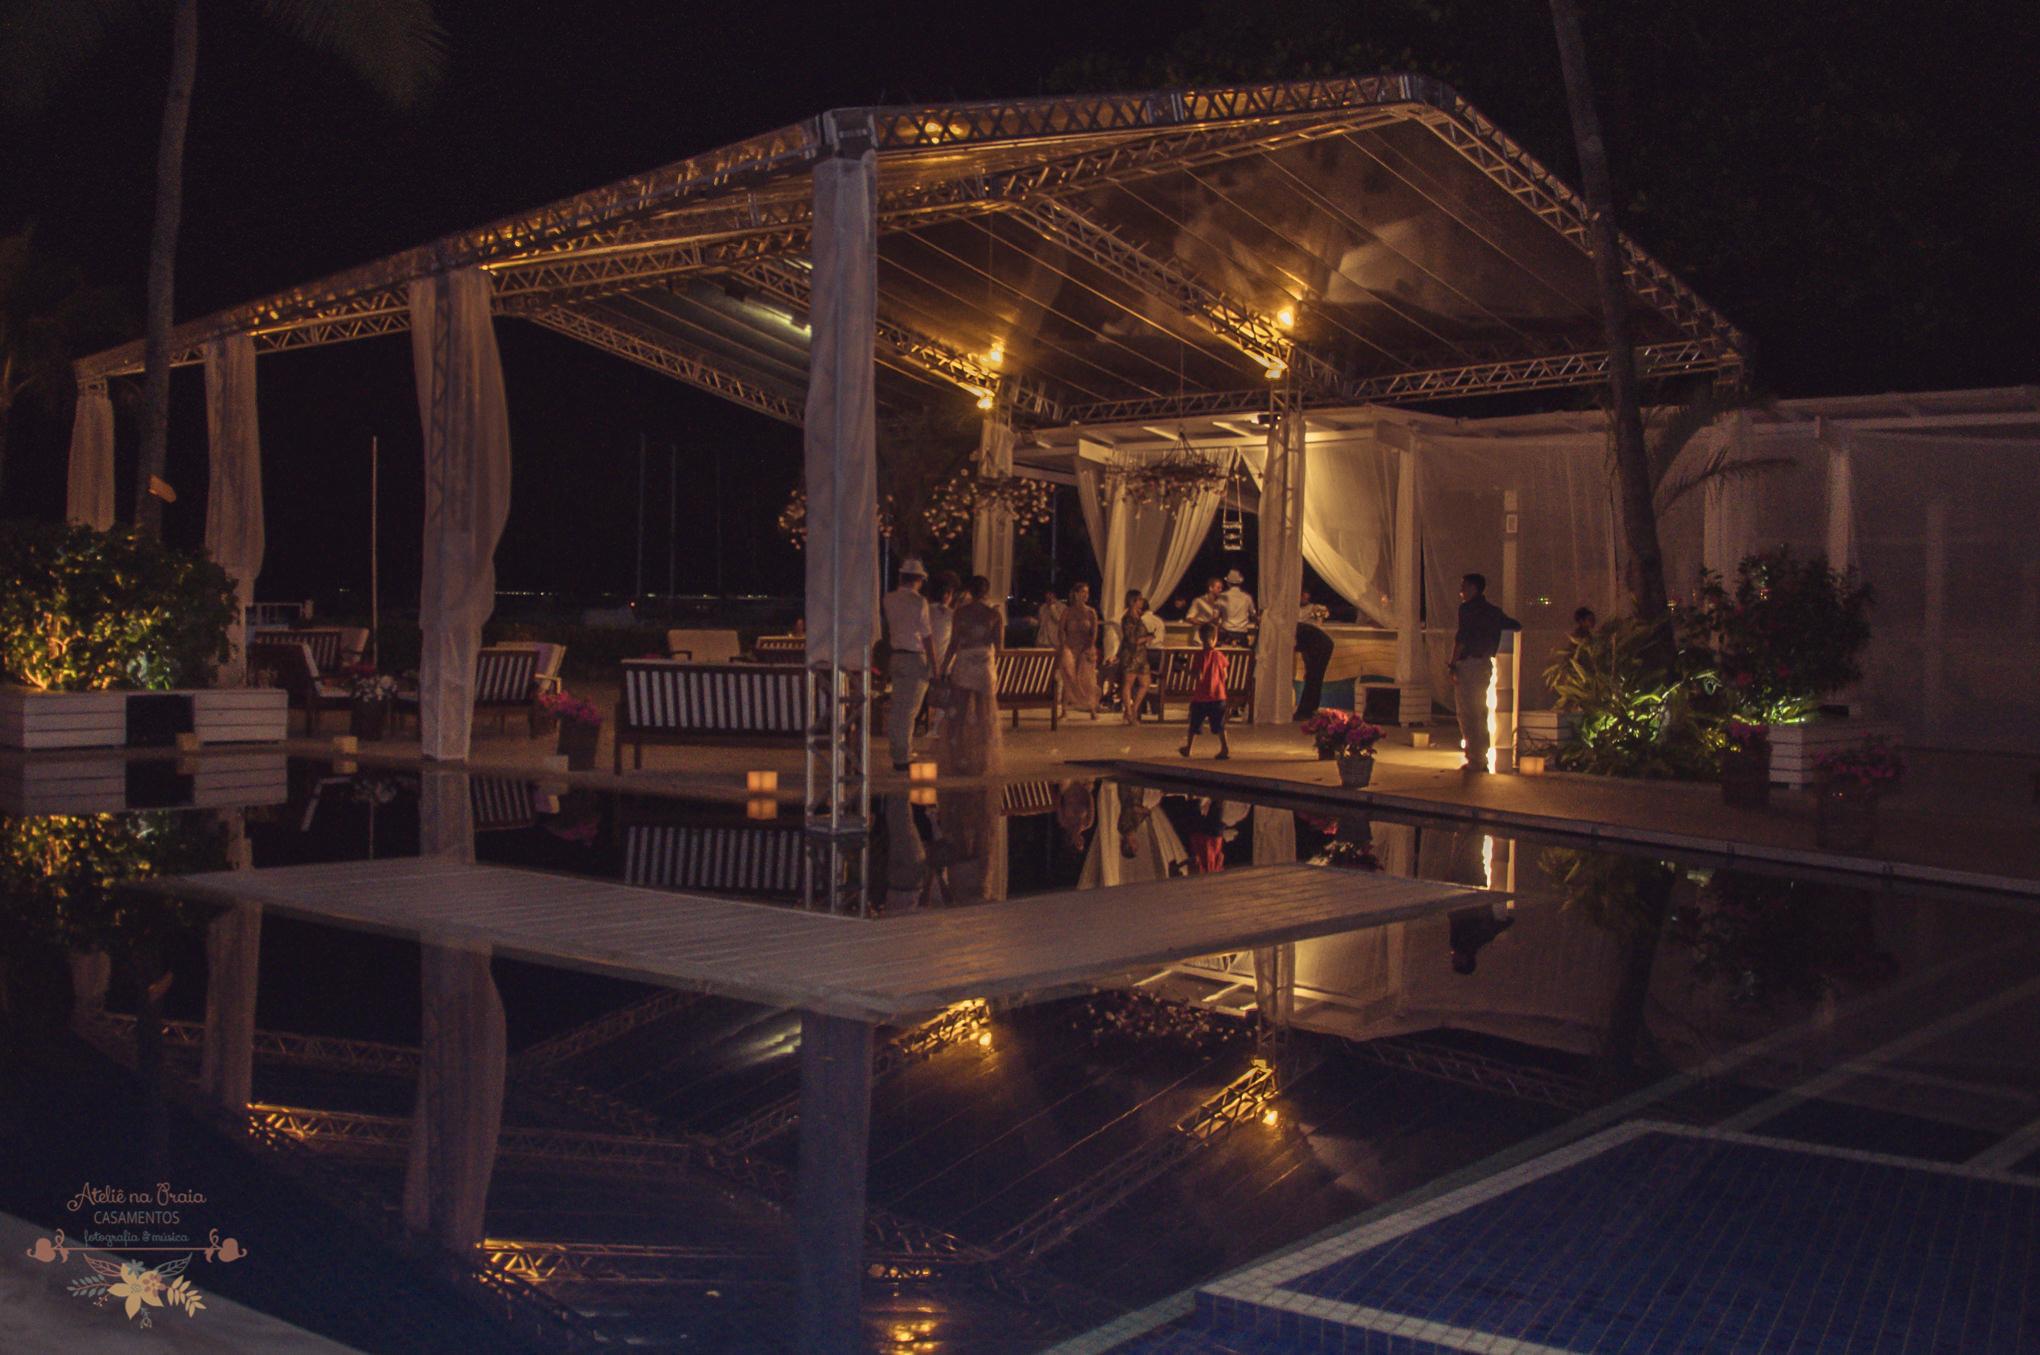 07-Festa-Atelie-na-Praia-Casamento-na-Praia-Natalia-Felipe-PQ-9412A